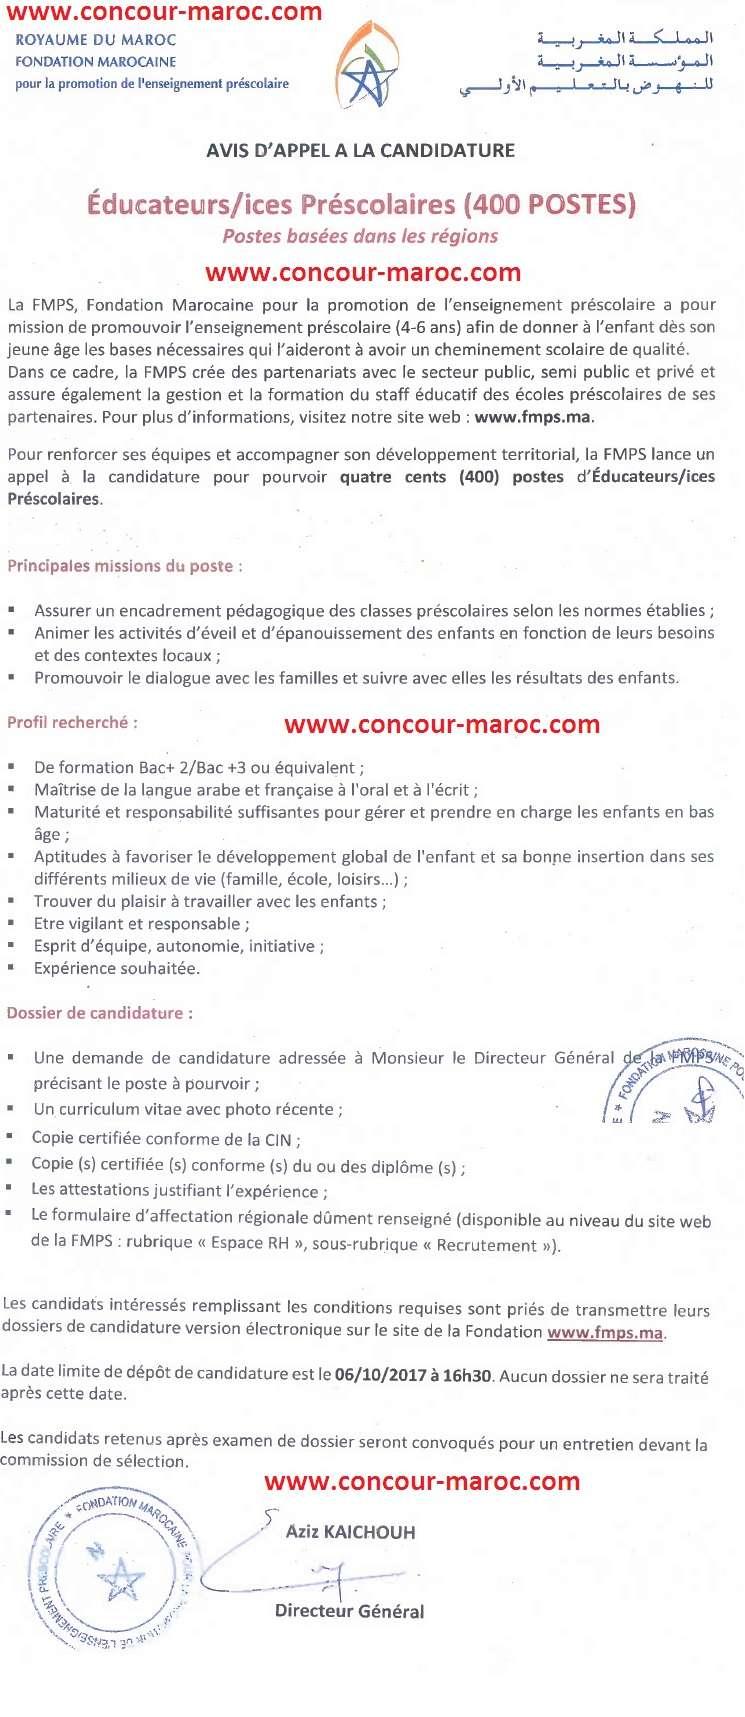 المؤسسة المغربية للنهوض بالتعليم الأولي : مباراة لتوظيف 400 مربي / مربية التعليم الأوّلي آخر أجل 6 اكتوبر 2017  Conco102